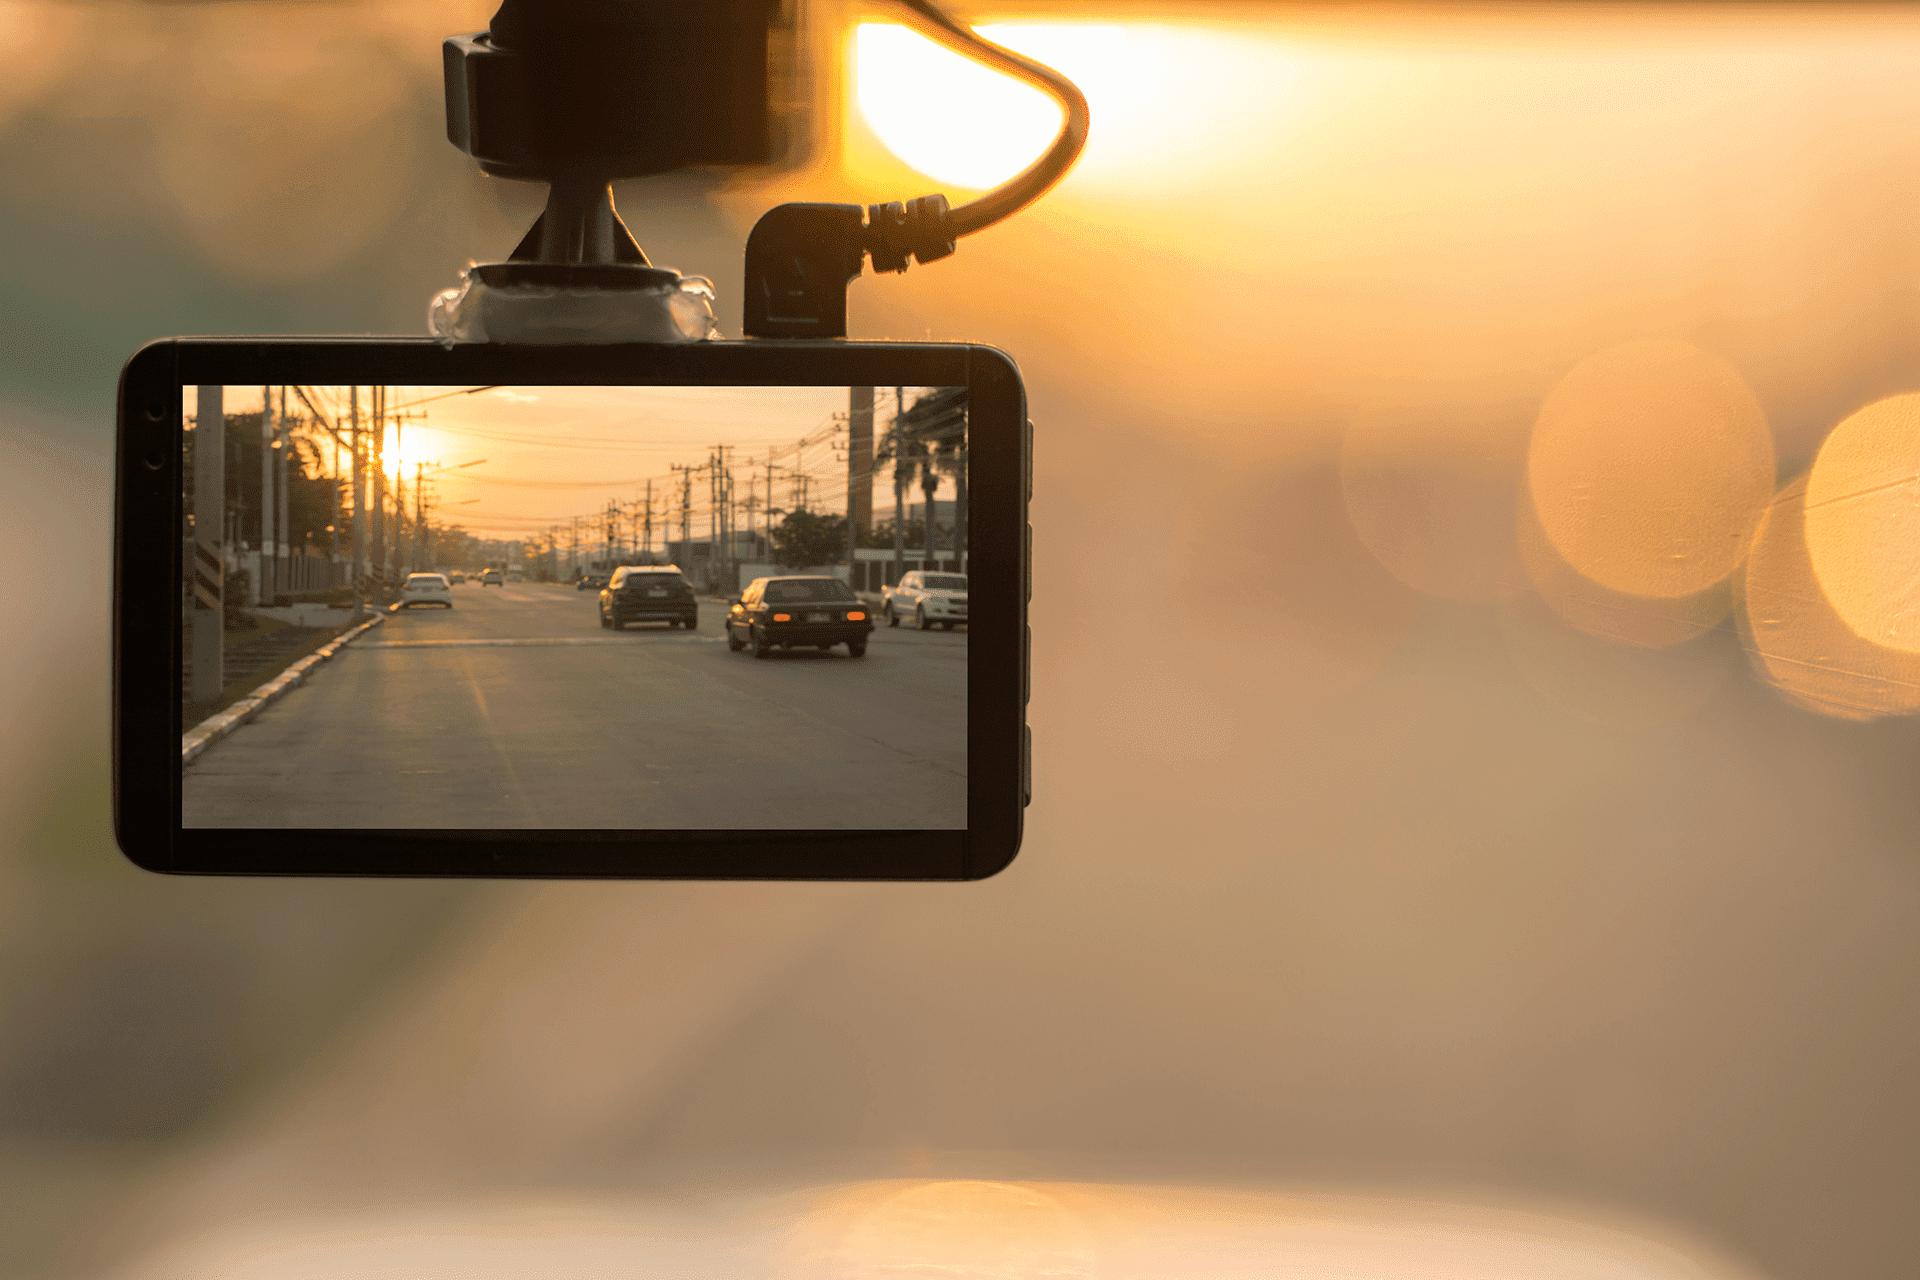 Les rétroviseurs bientôt remplacés par des caméras : une bonne idée ?